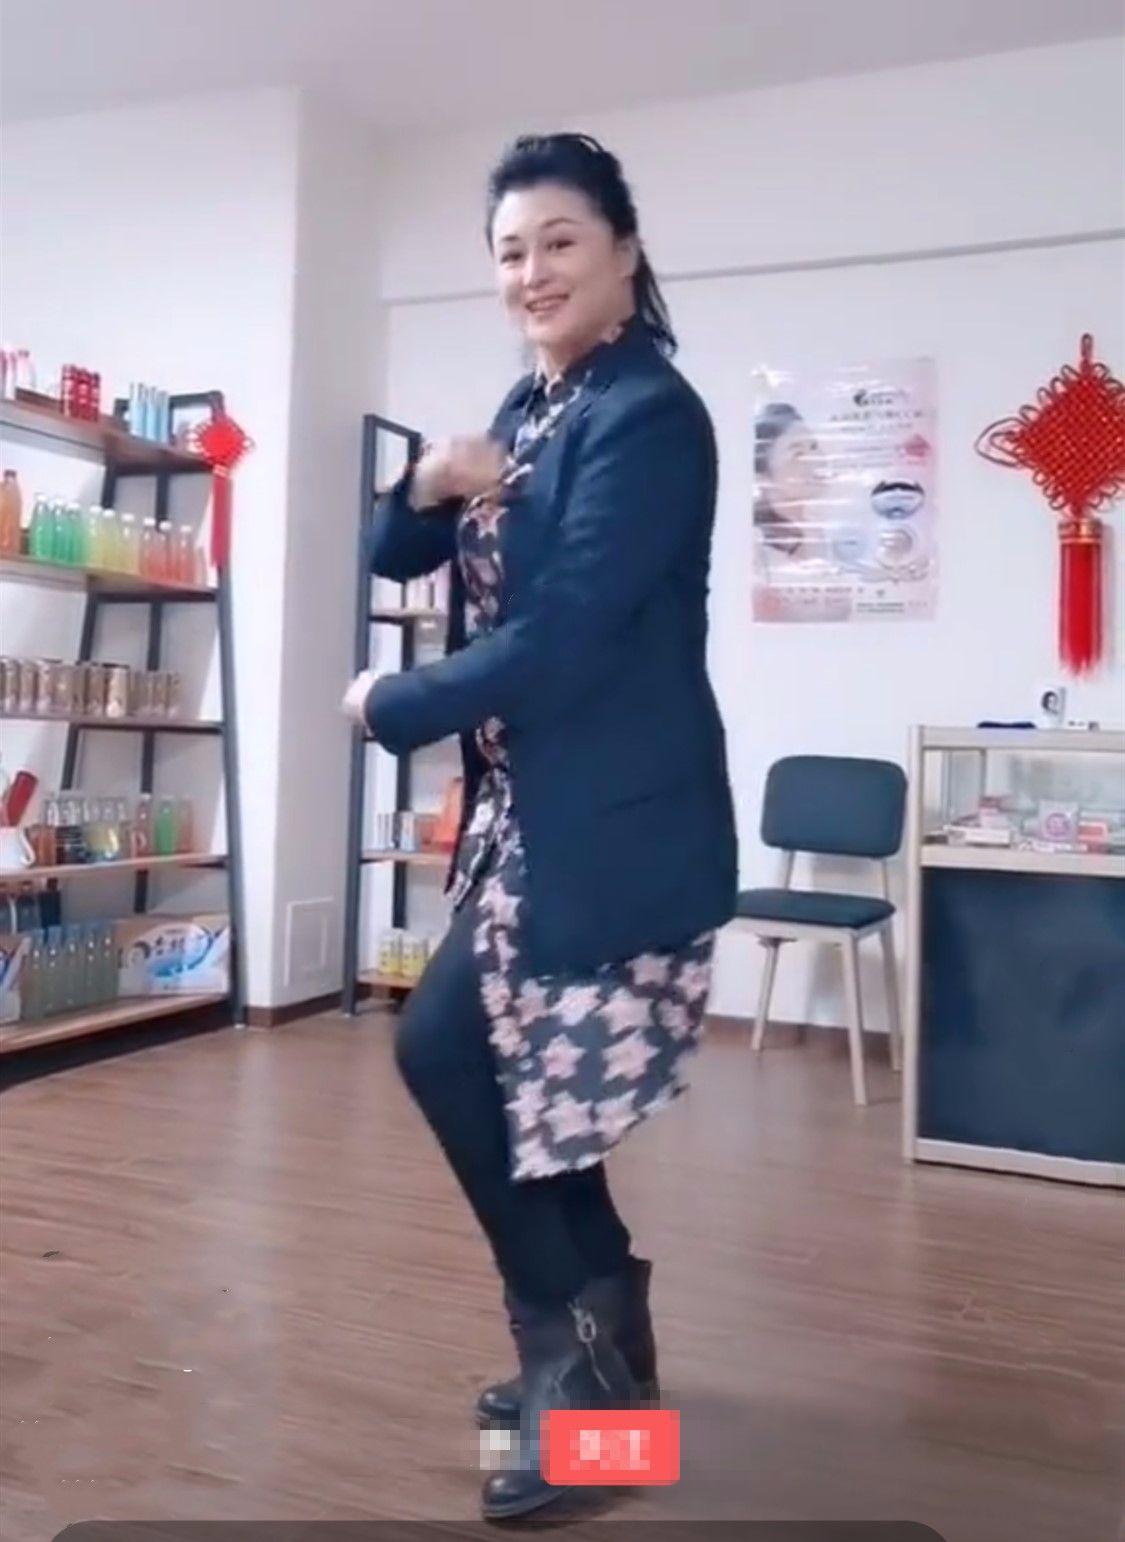 48岁于月仙拍小视频跳舞,活的真实又欢乐,提前过老年生活!